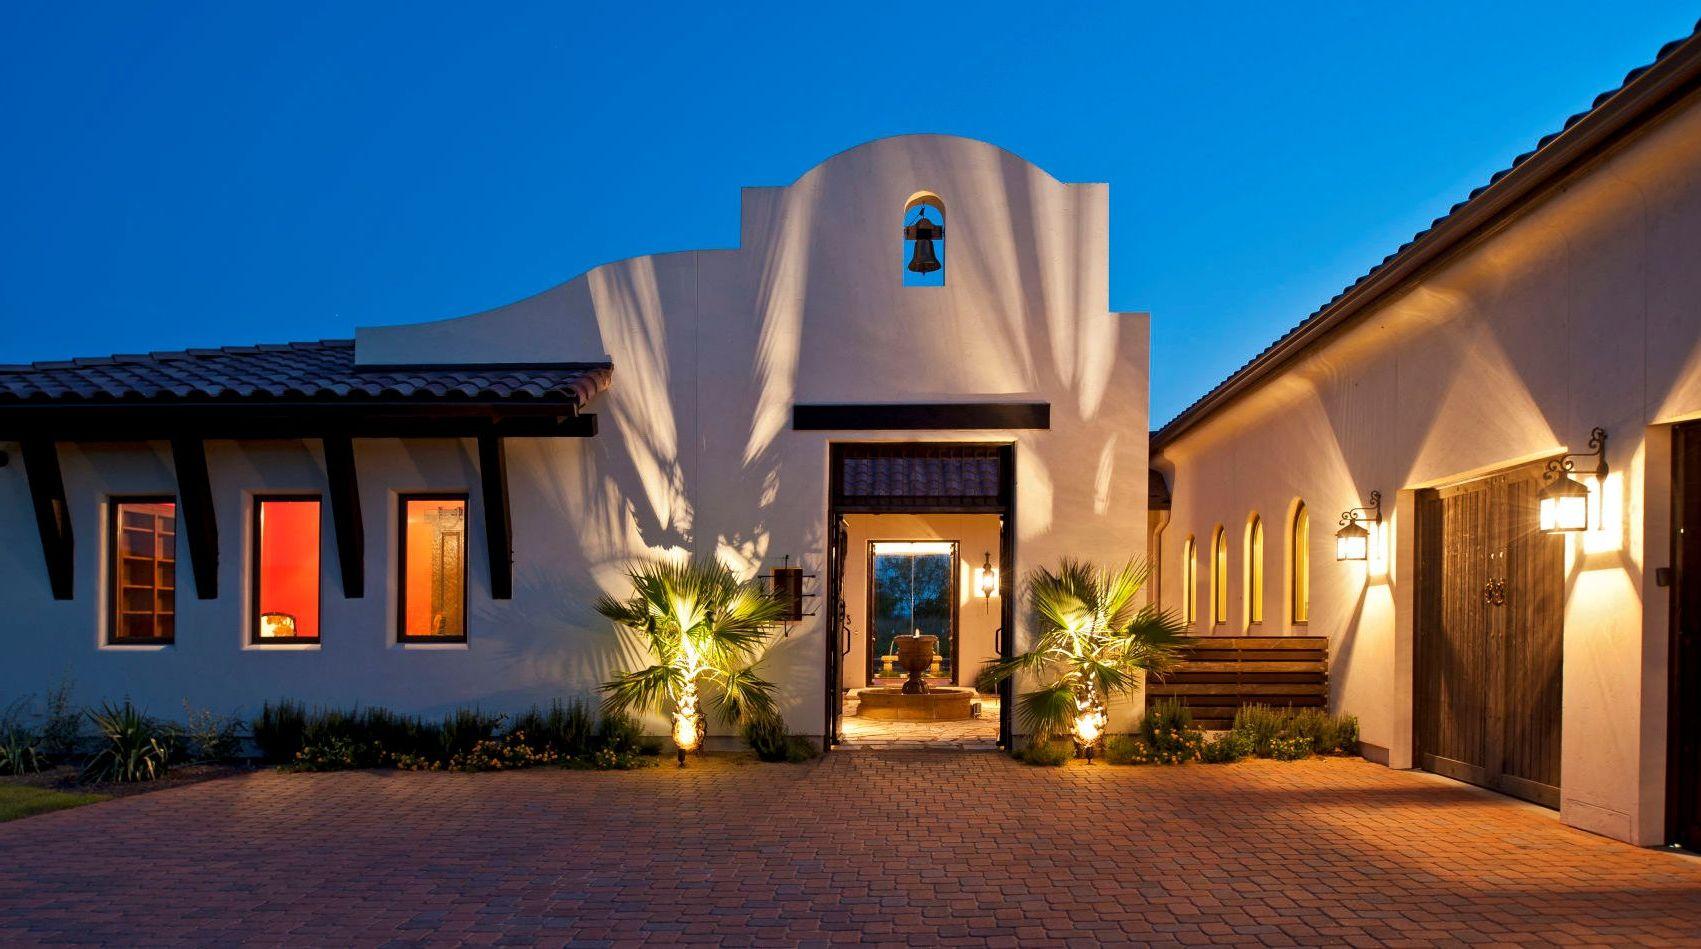 Innenhof Spanischer Häuser: tolle Beleuchtung